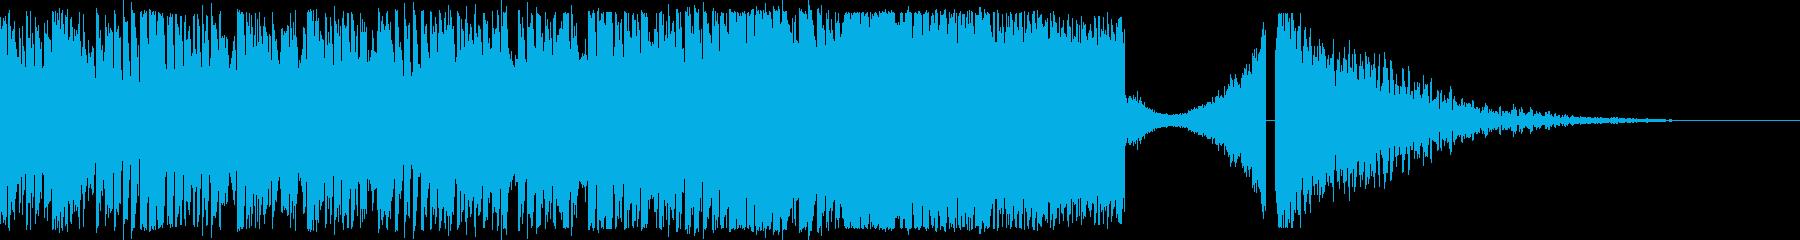 EDMの煽りからのオケヒット!の再生済みの波形